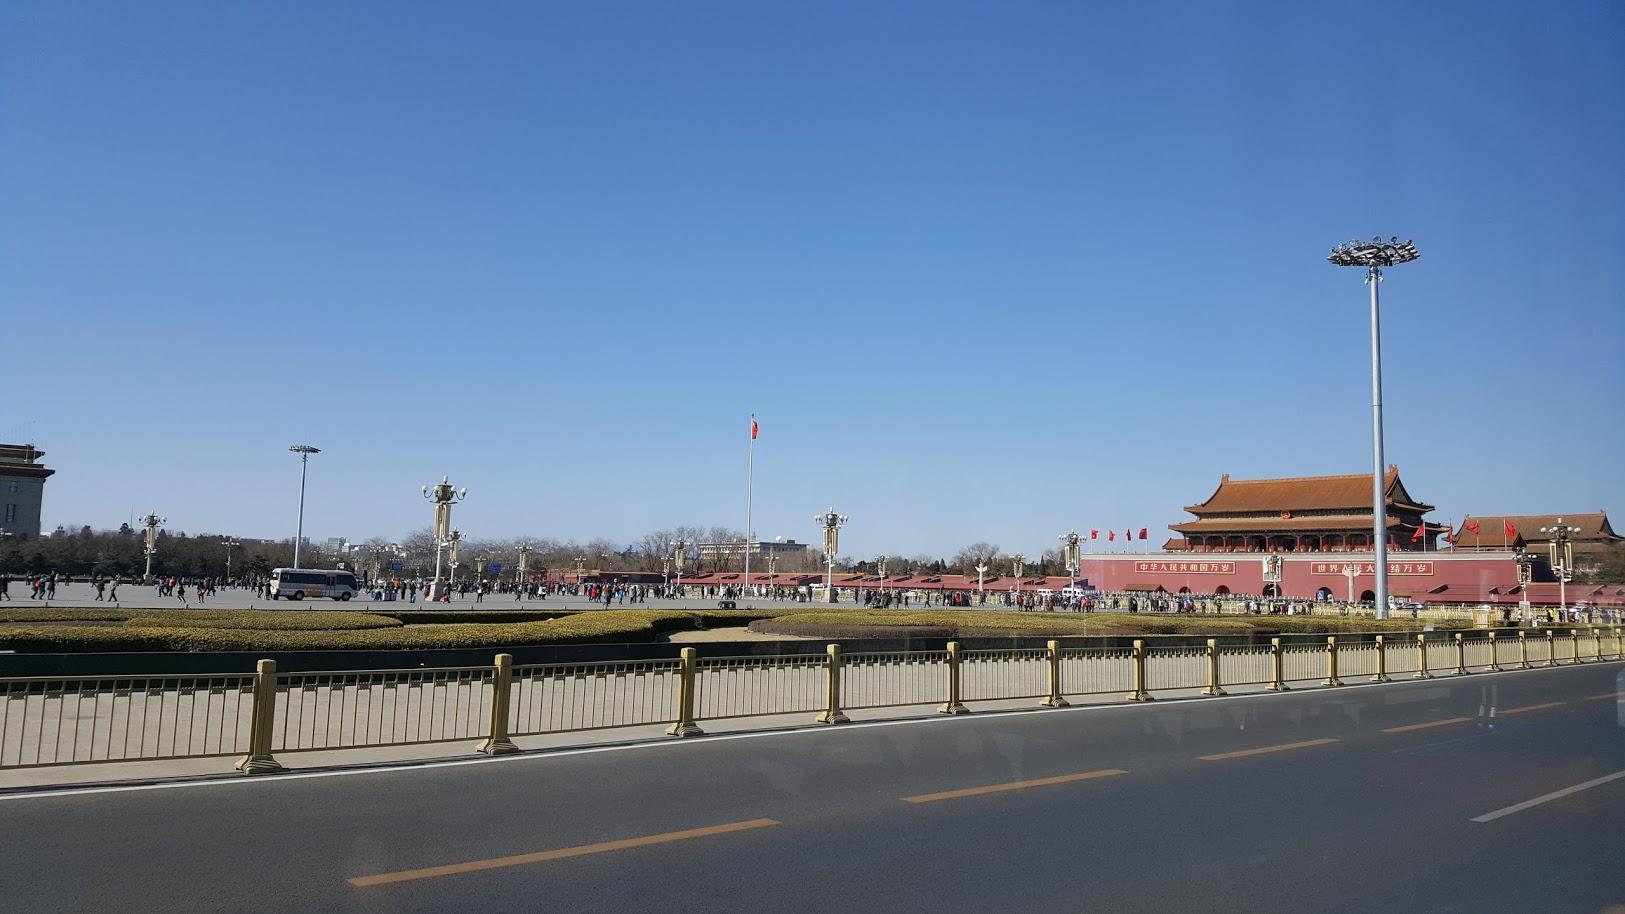 Tiananmen taivaallisen rauhan aukio peking nähtävyydet